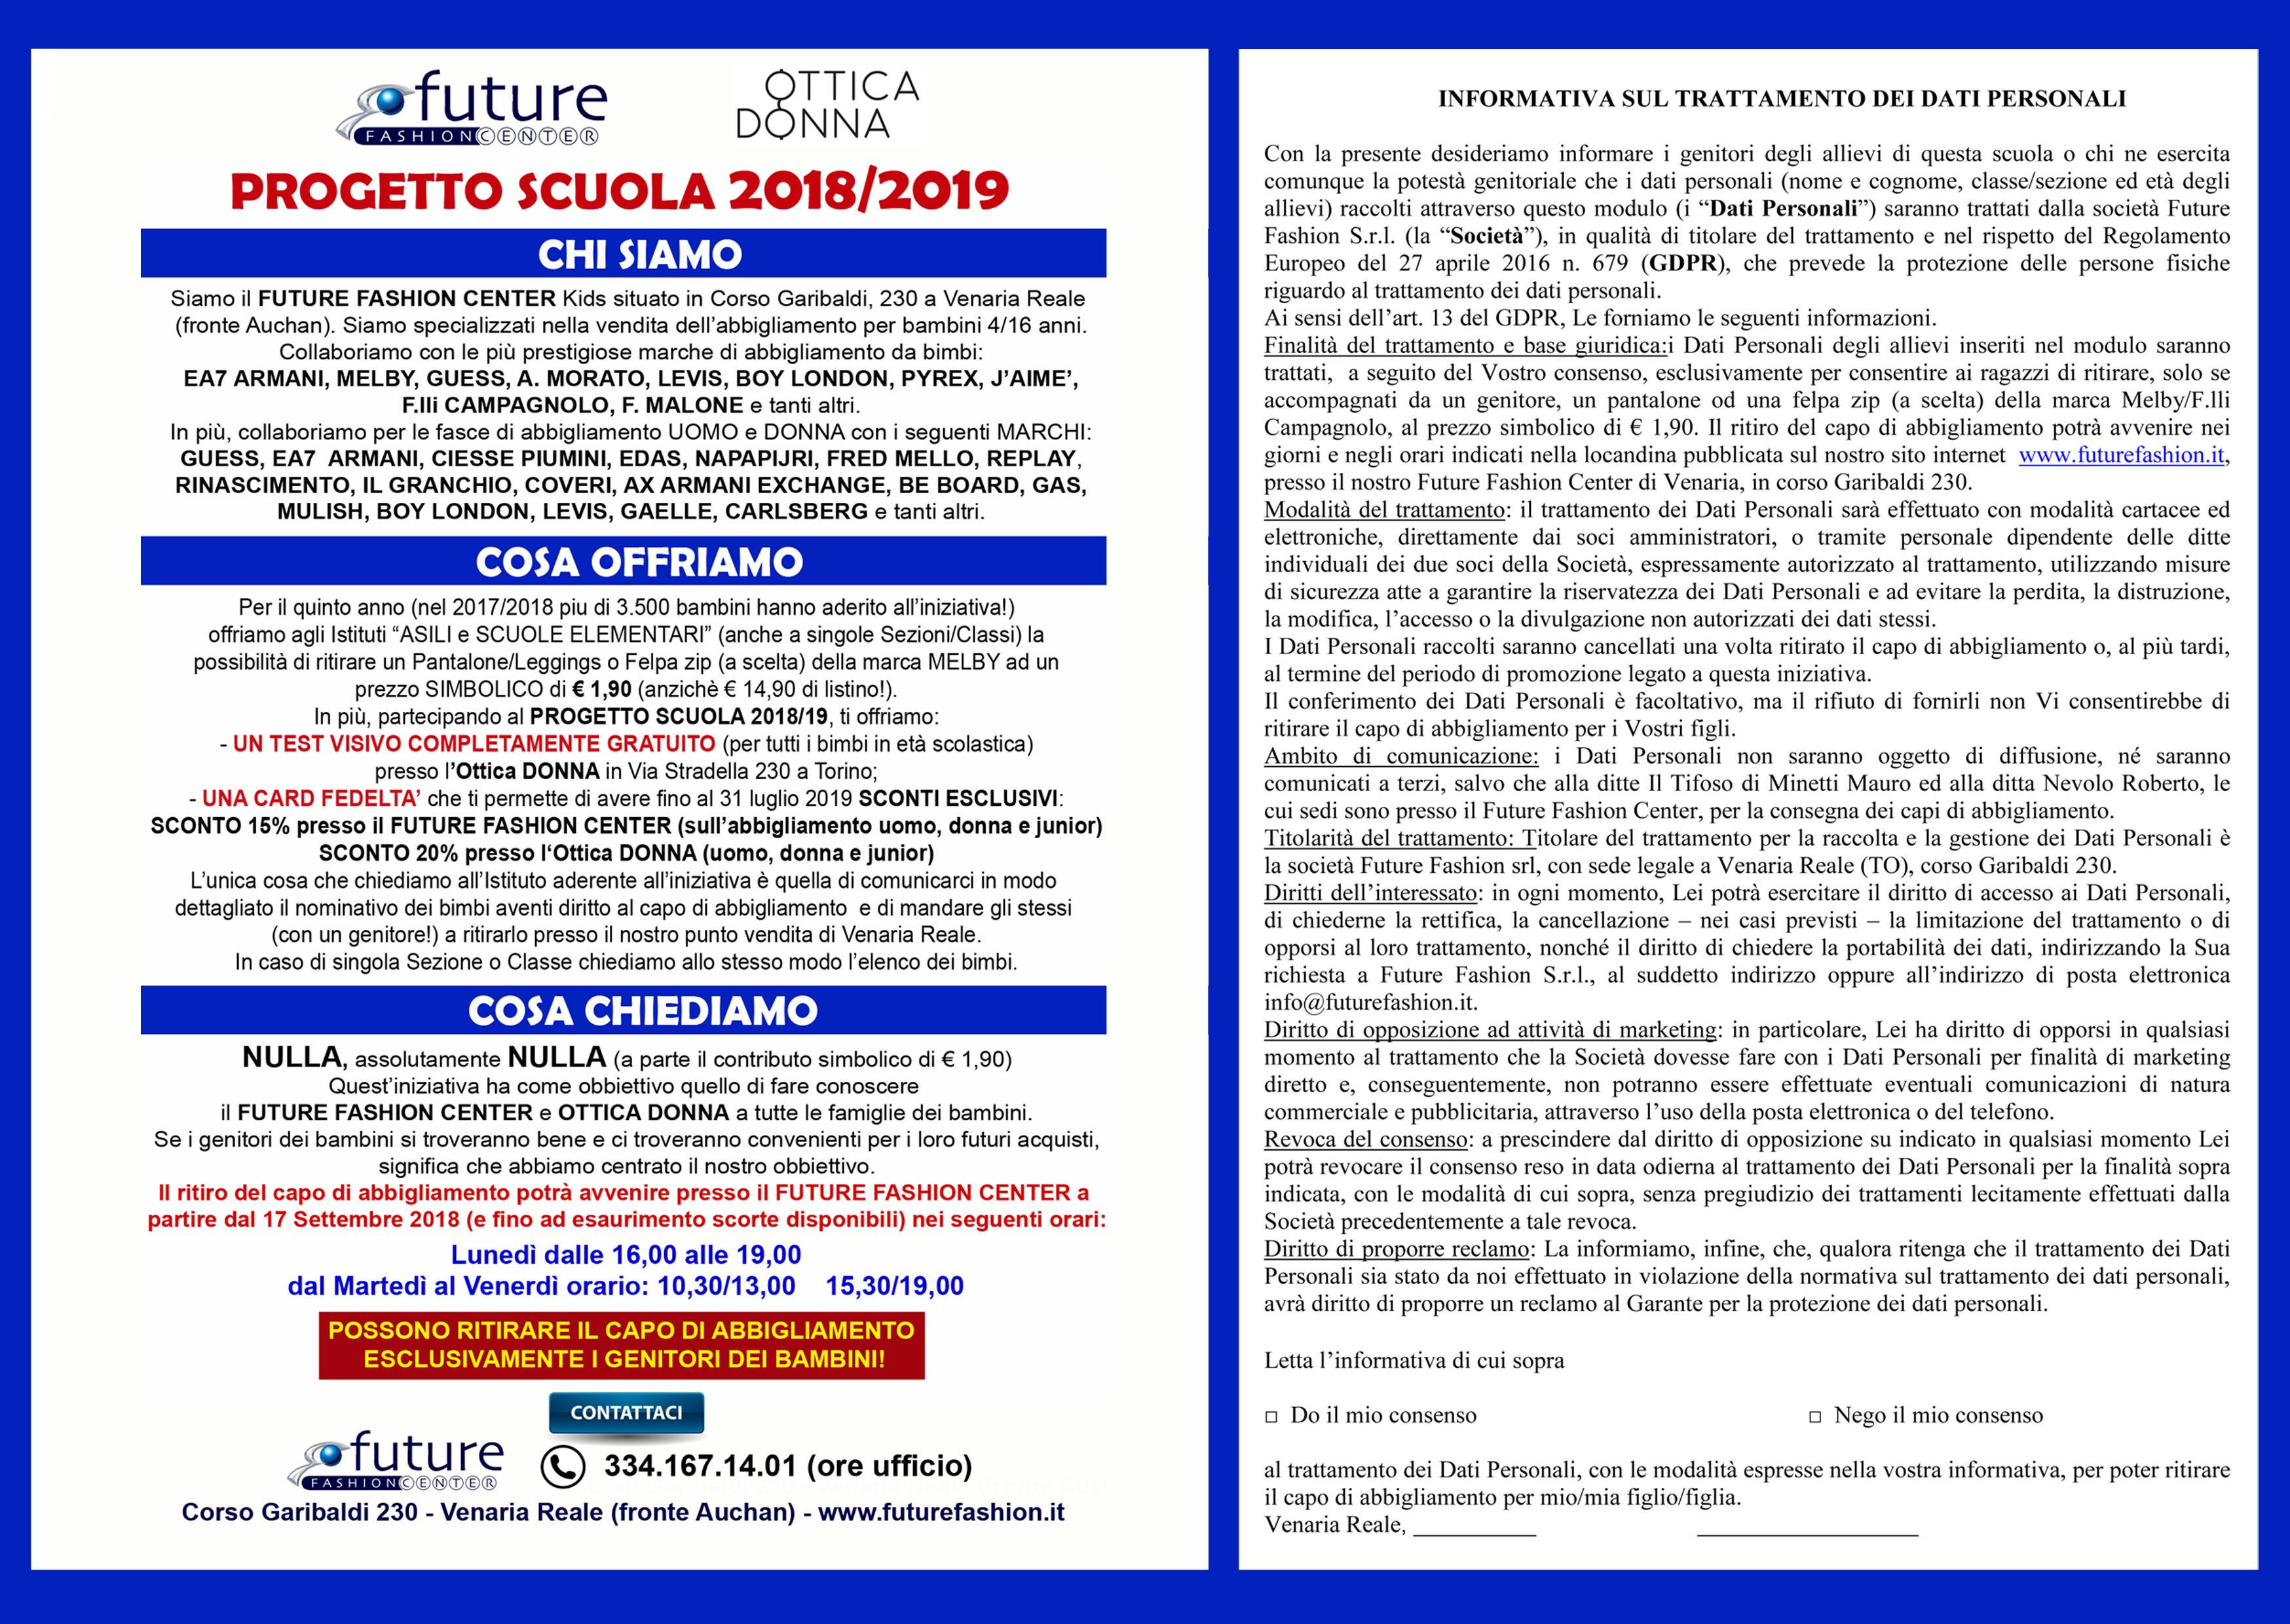 Informativa Progetto Scuola - FutureFashion